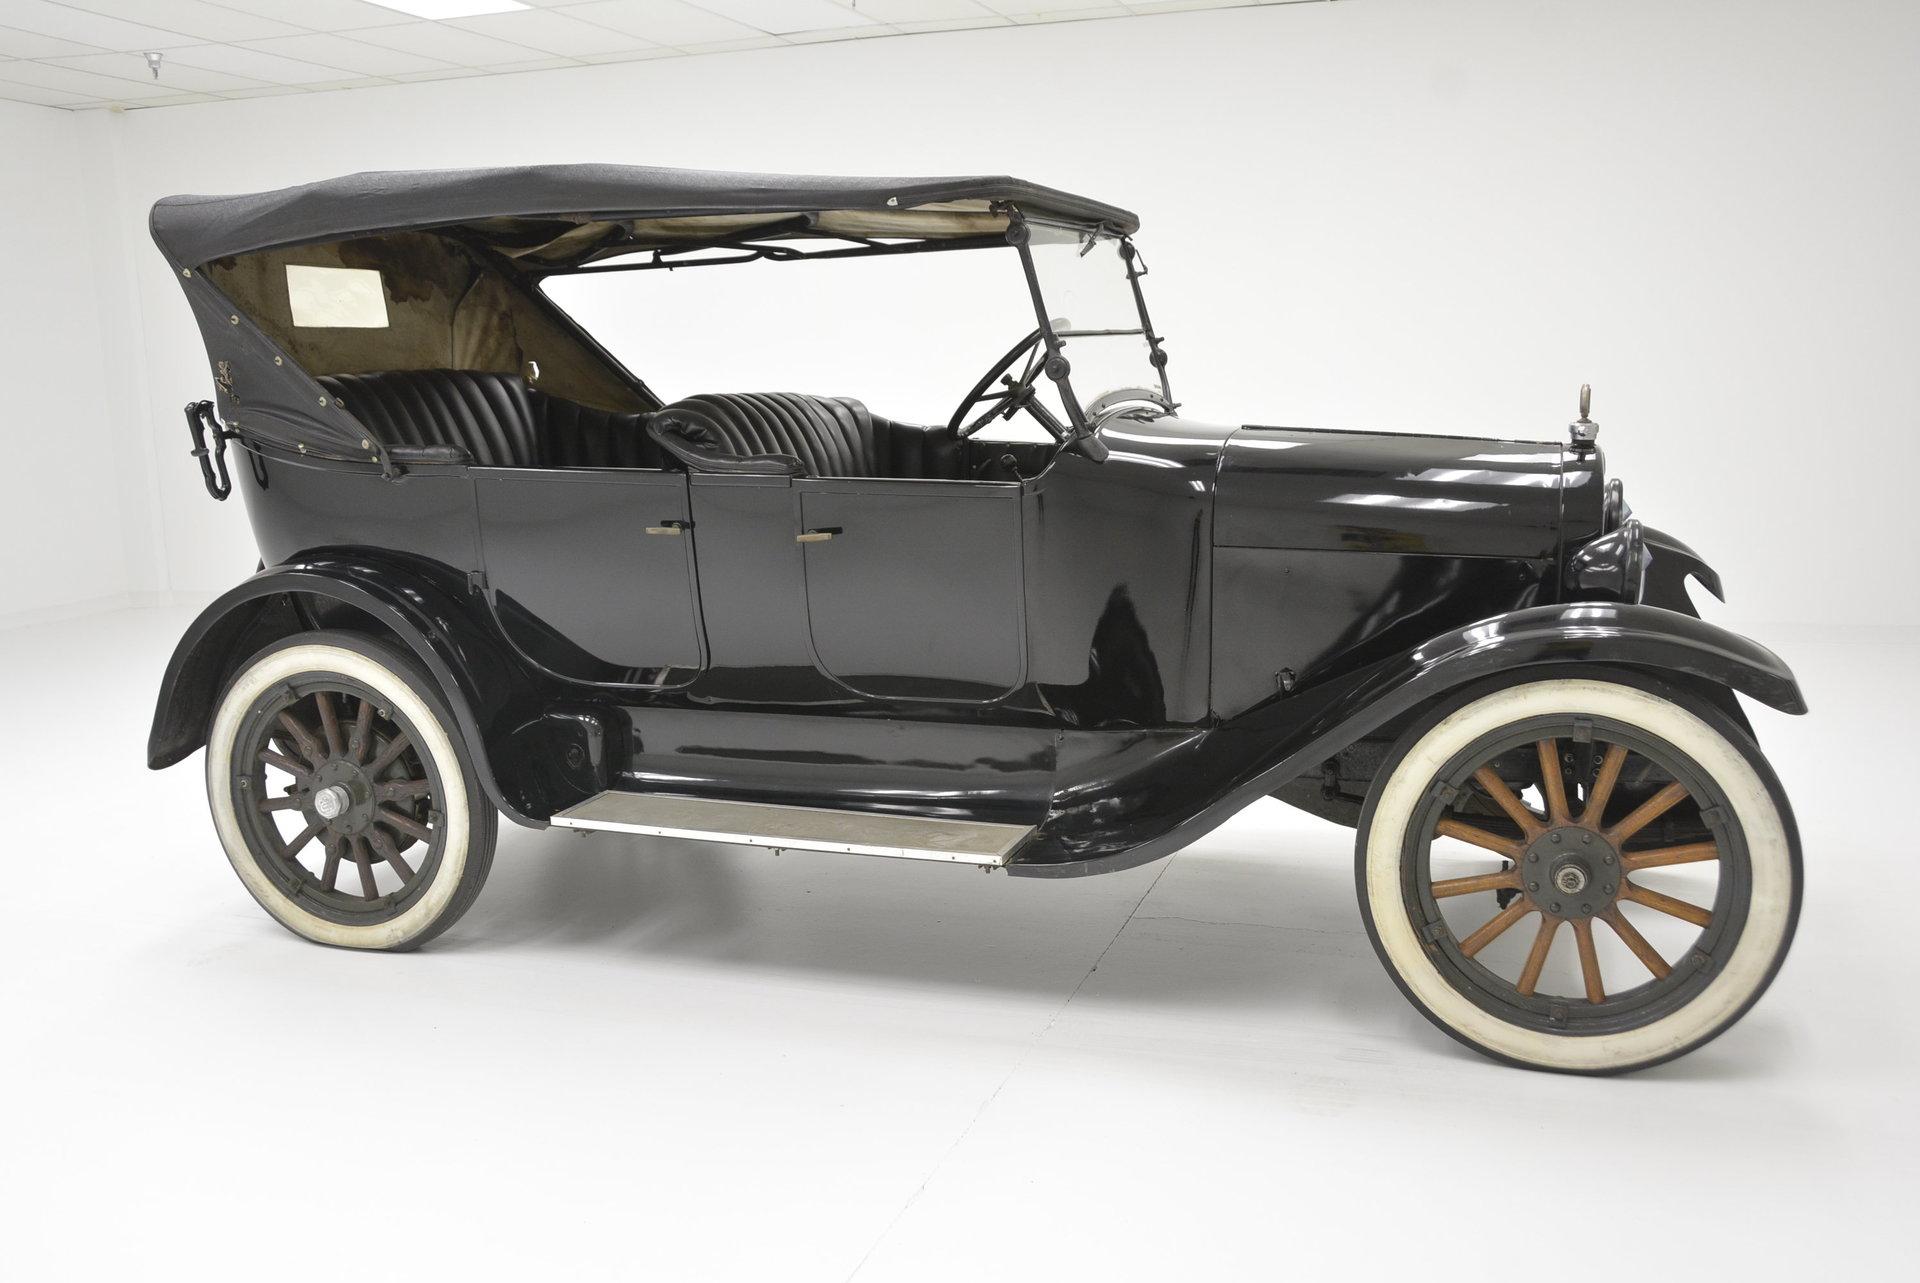 1929 Chrysler Model 75 Sedan for sale in Lakewood ... |1929 Dodge Touring Car